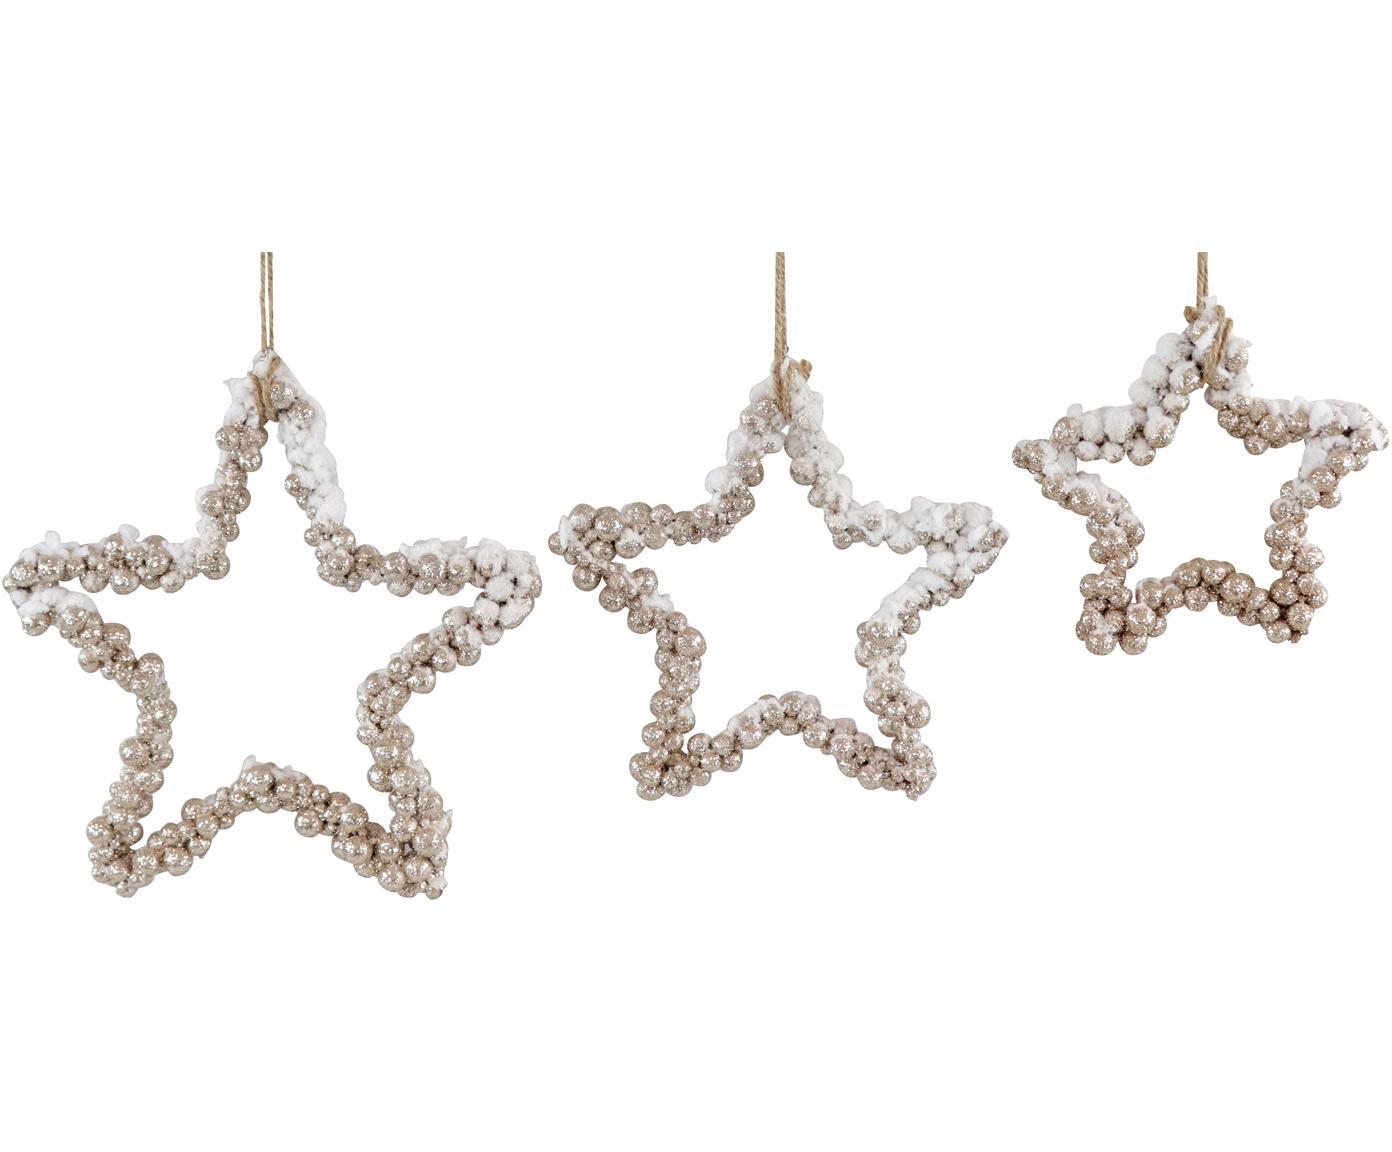 Set 3 ciondoli decorativi Snowy, Polistirolo, plastica, metallo, legno, Dorato, Set in varie misure